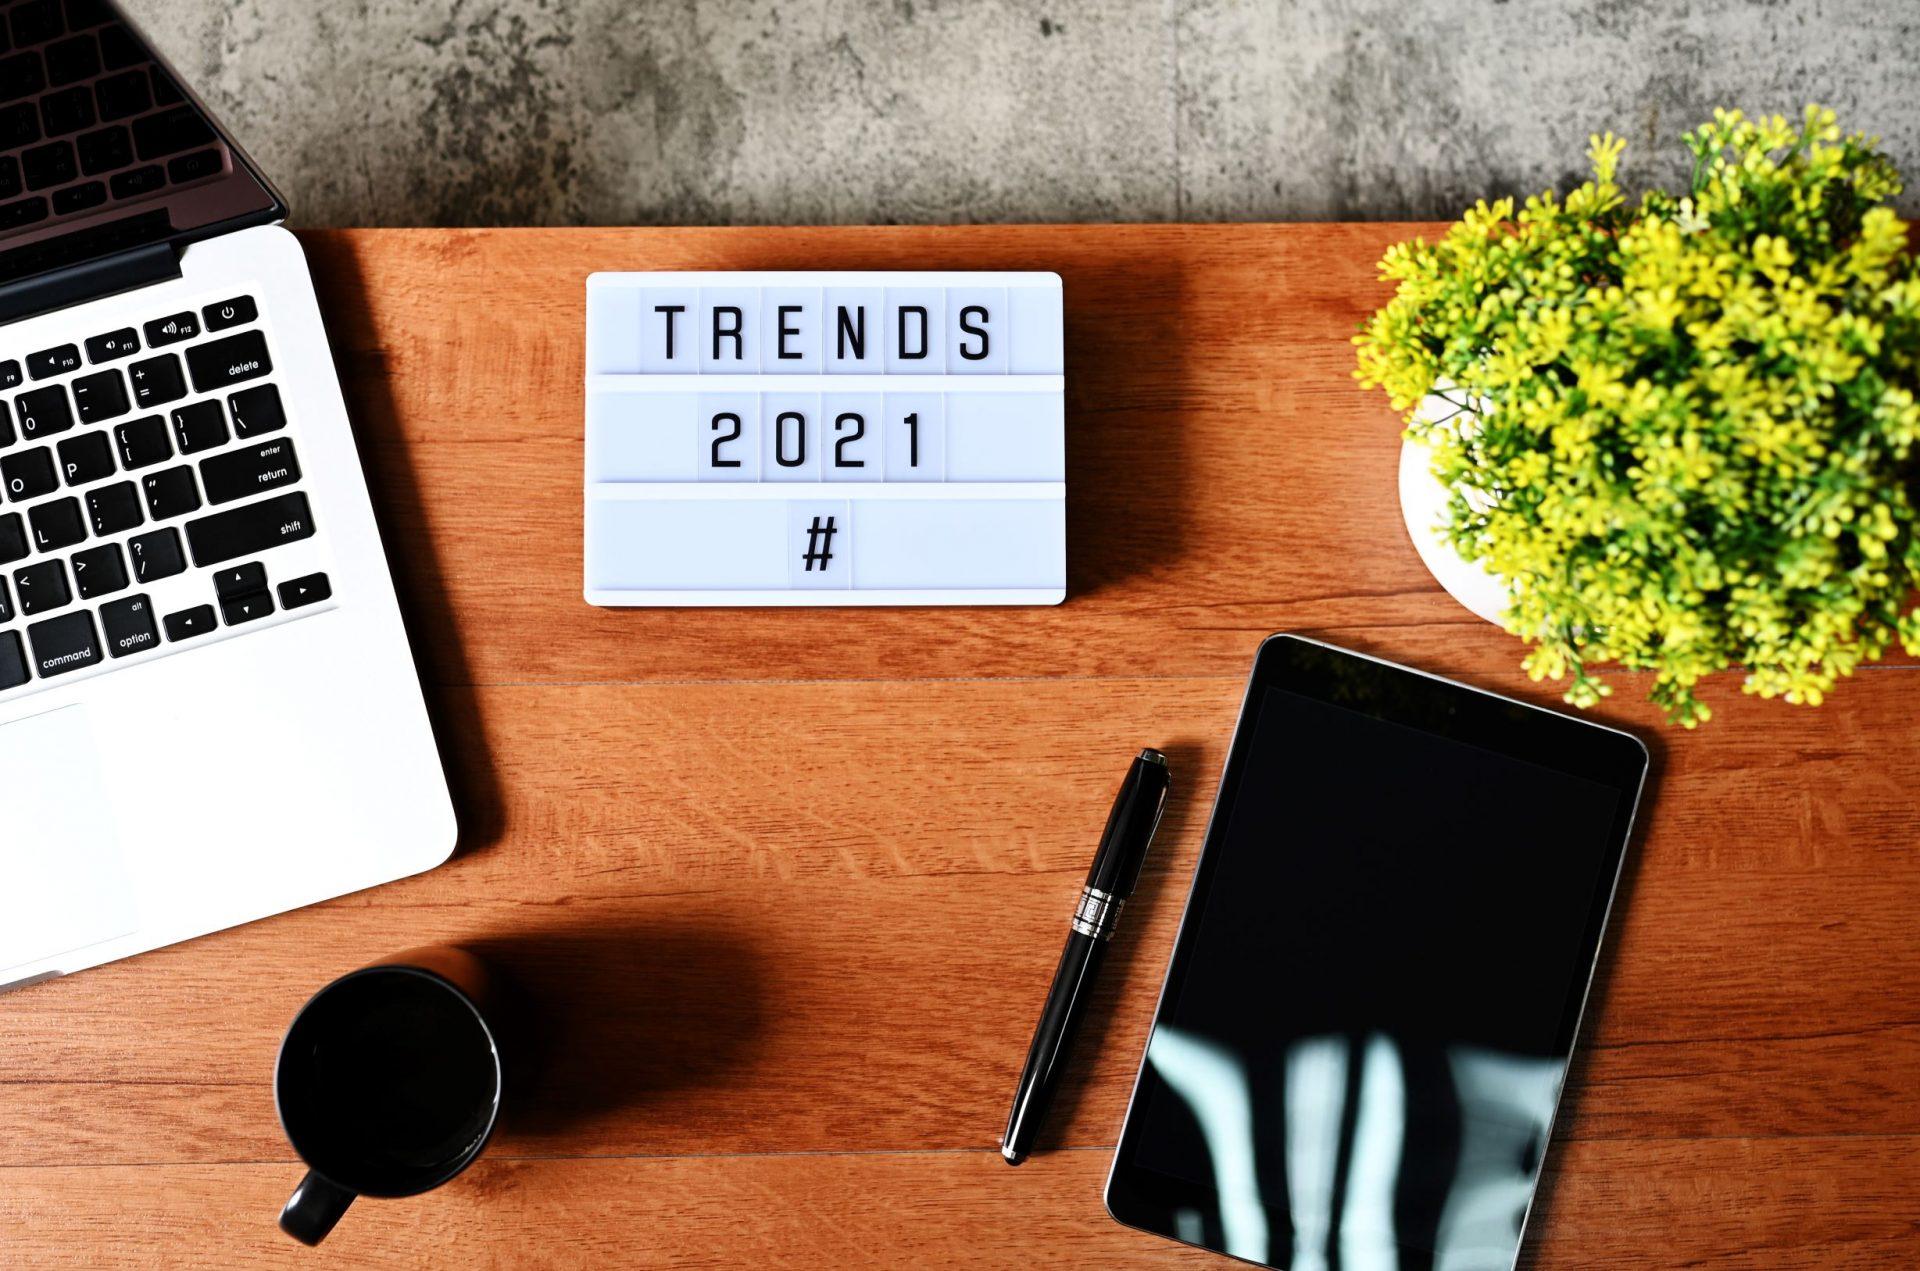 Top trends 2021